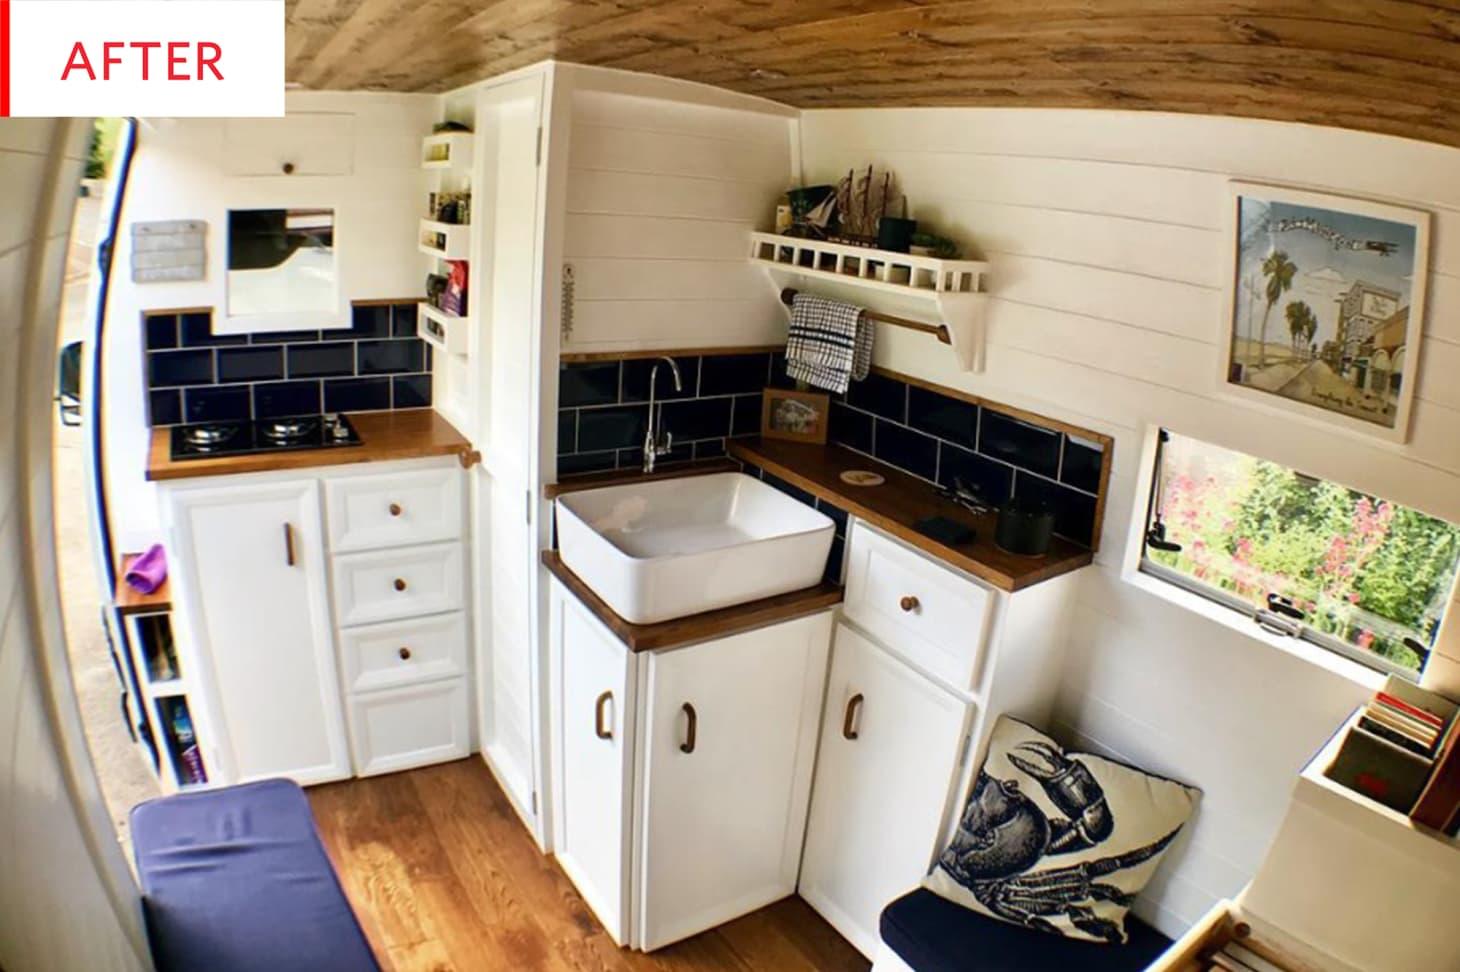 Sprinter Van Converted Tiny House Bathroom Photos ...